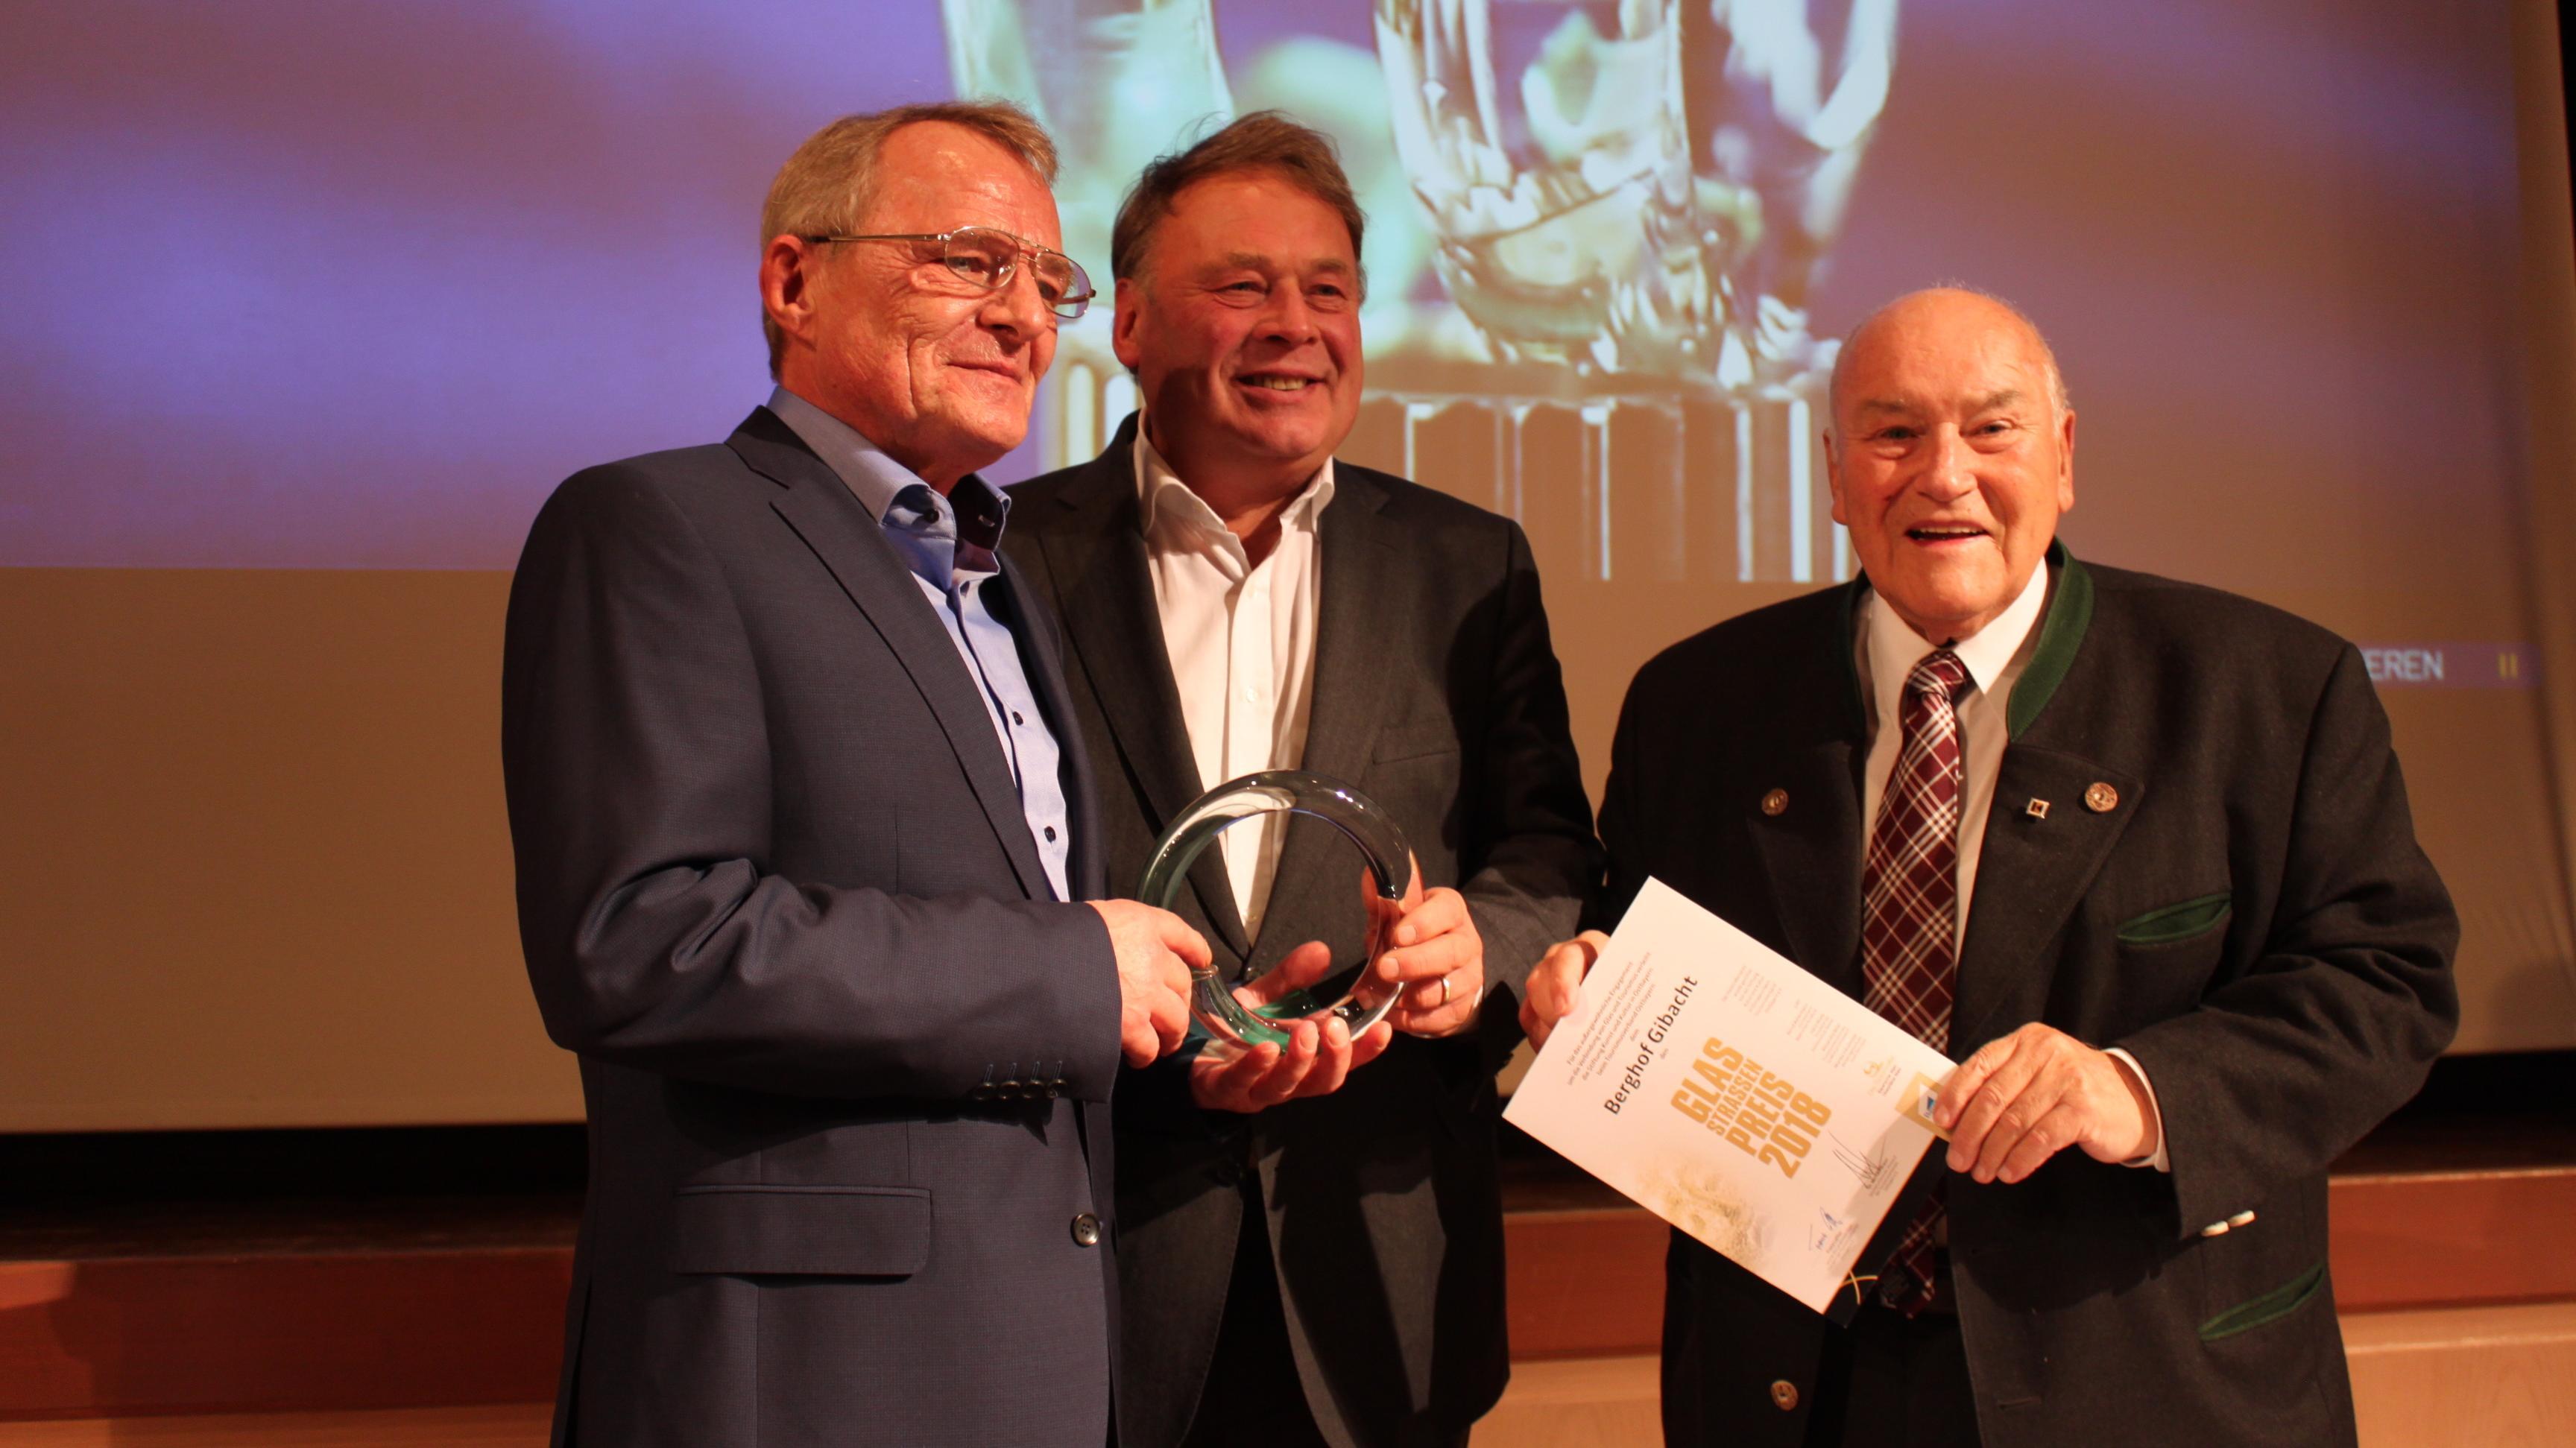 Ralph Wenzel (v.l.) erhält den Glasstraßenpreis 2018 vom ehemaligen Staatsminister Helmut Brunnder und Ernst Hinsken